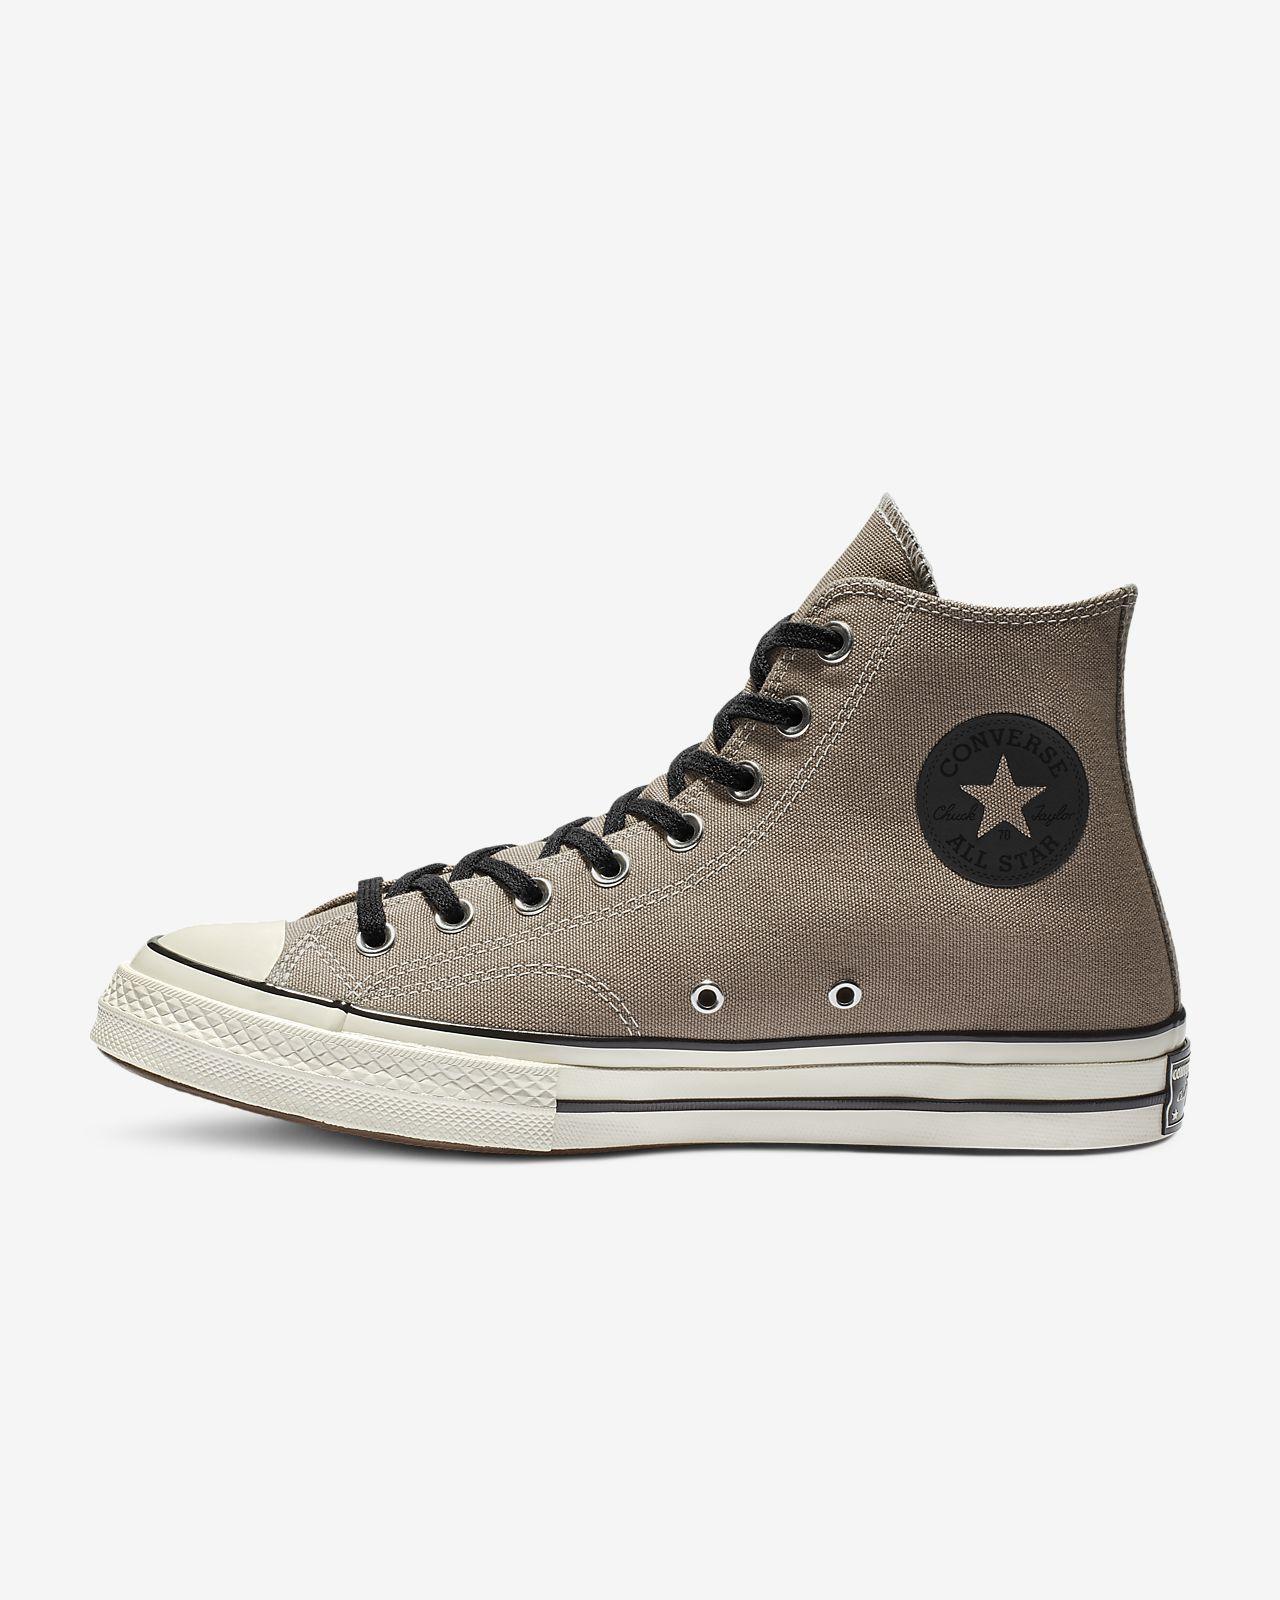 Converse Chuck 70 Vintage Canvas High Top Unisex Shoe